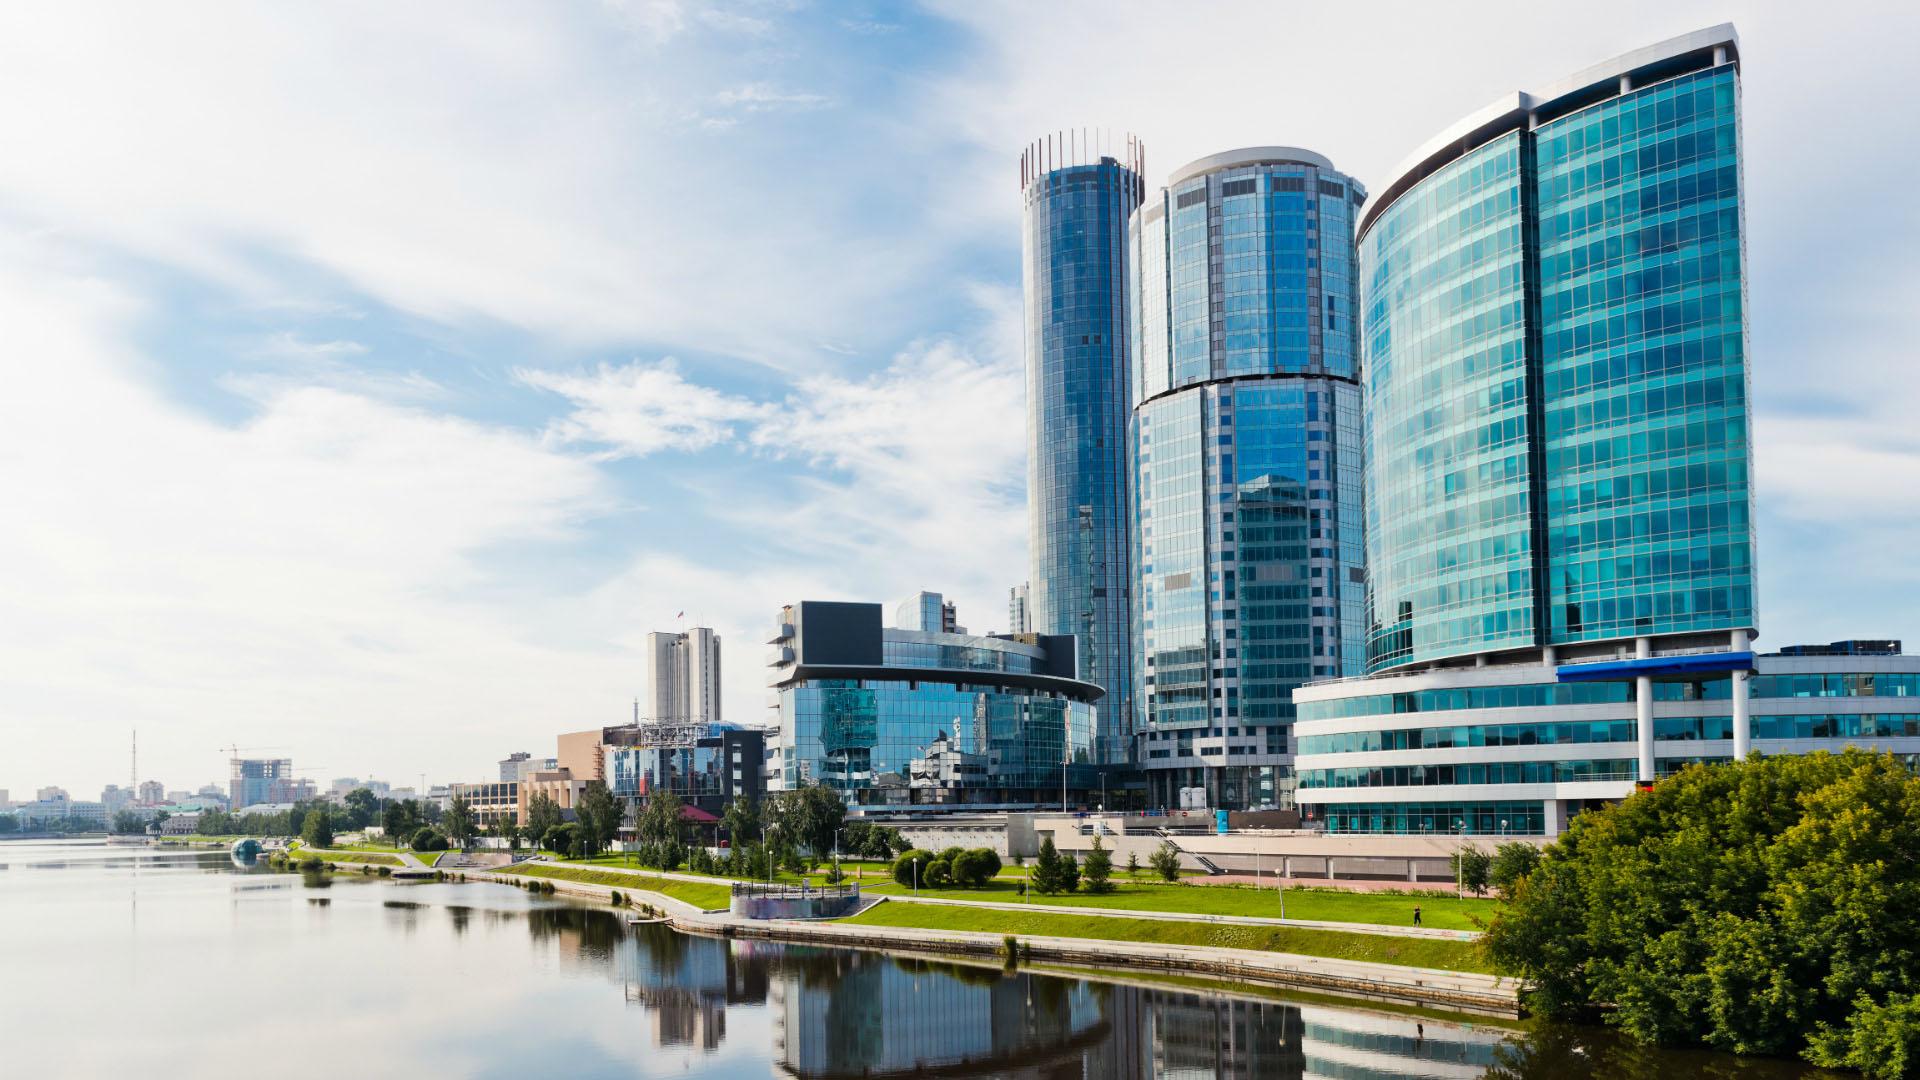 25 апреля в Екатеринбурге пройдет круглый стол по онлайн-кассам